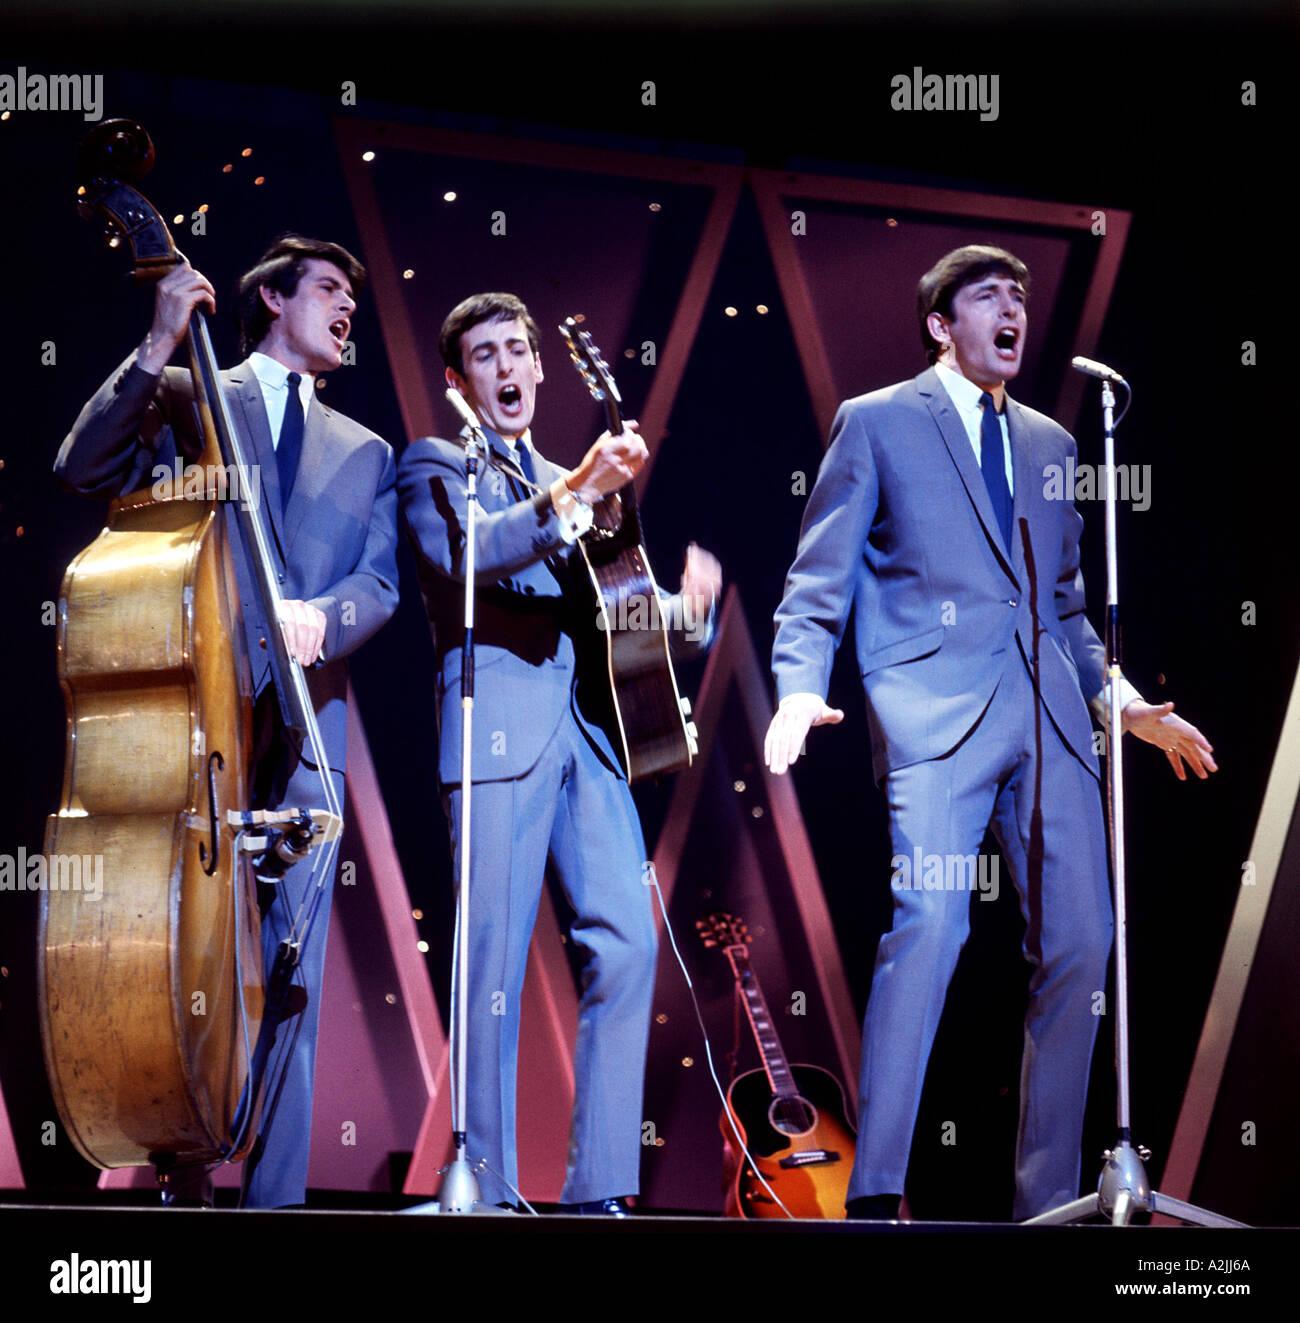 BACHELORS Irish music trio popular in the 1960s here on UK TV s Saturday Night At The London Palladium - Stock Image